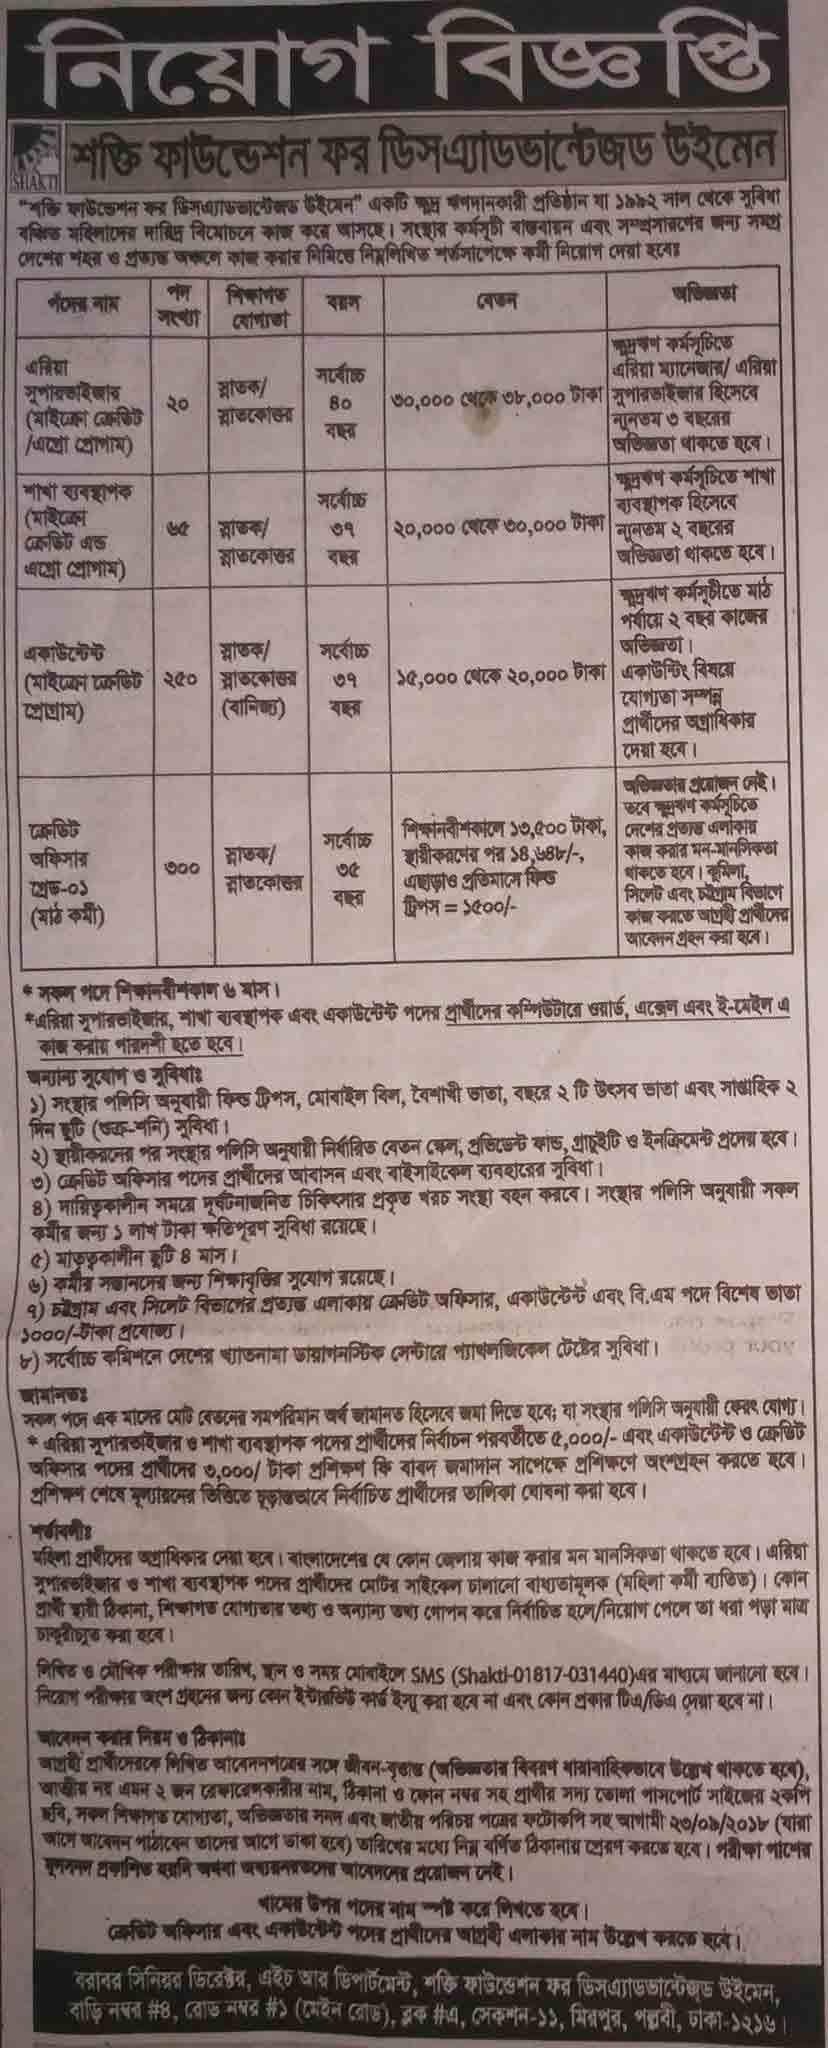 Shakti-Foundation-Job-Circular-2017